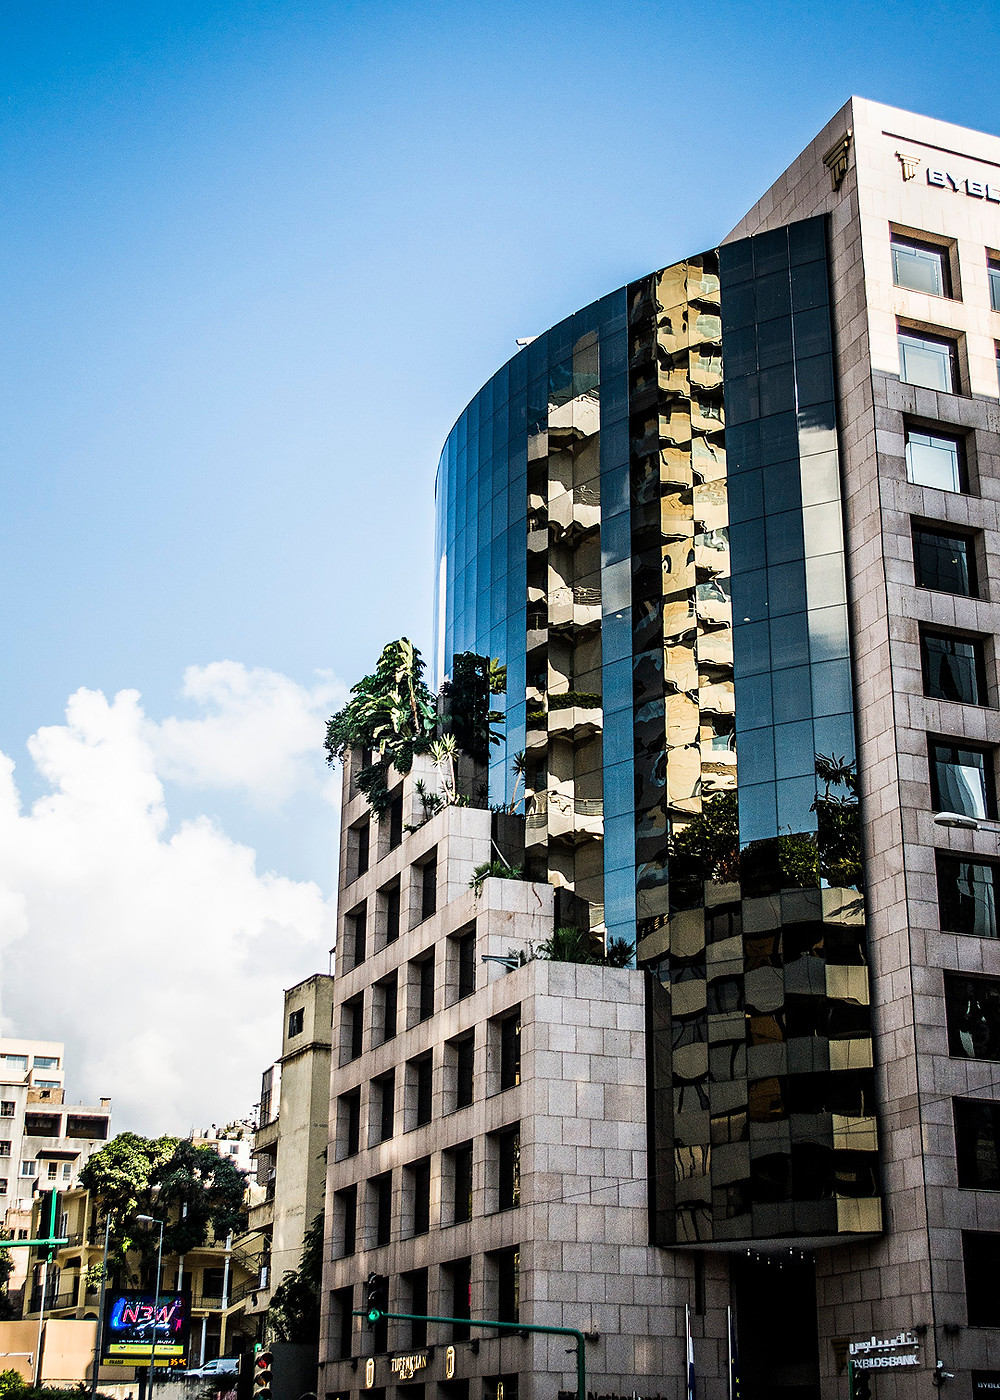 Skyscrapers in Acrafieh, Beirut